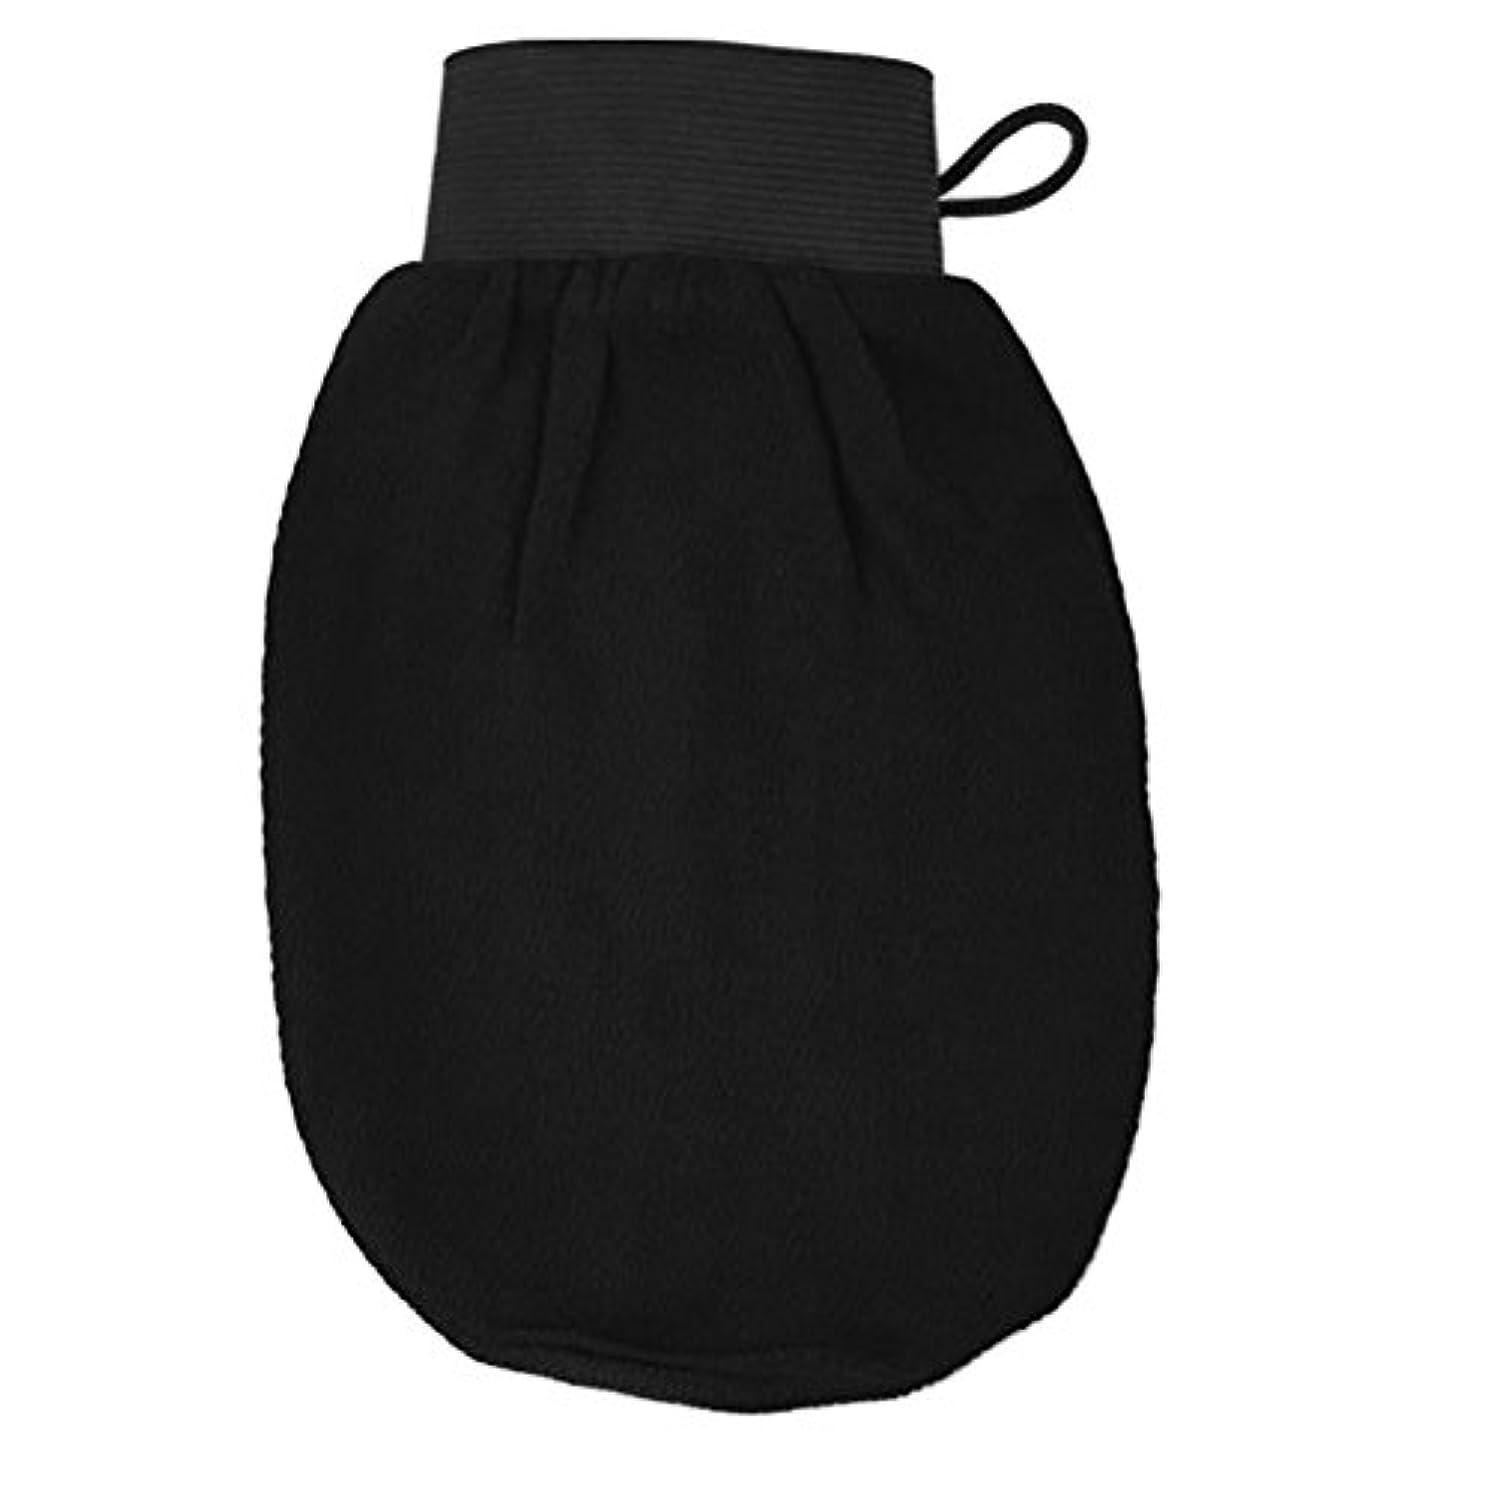 ジレンマ照らすペンROSENICE バスグローブ 浴用グローブ 角質取り 泡立ち 垢擦り 手袋 マッサージ ボディウォッシュ シャワー バスルーム 男女兼用 バス用品(ブラック)